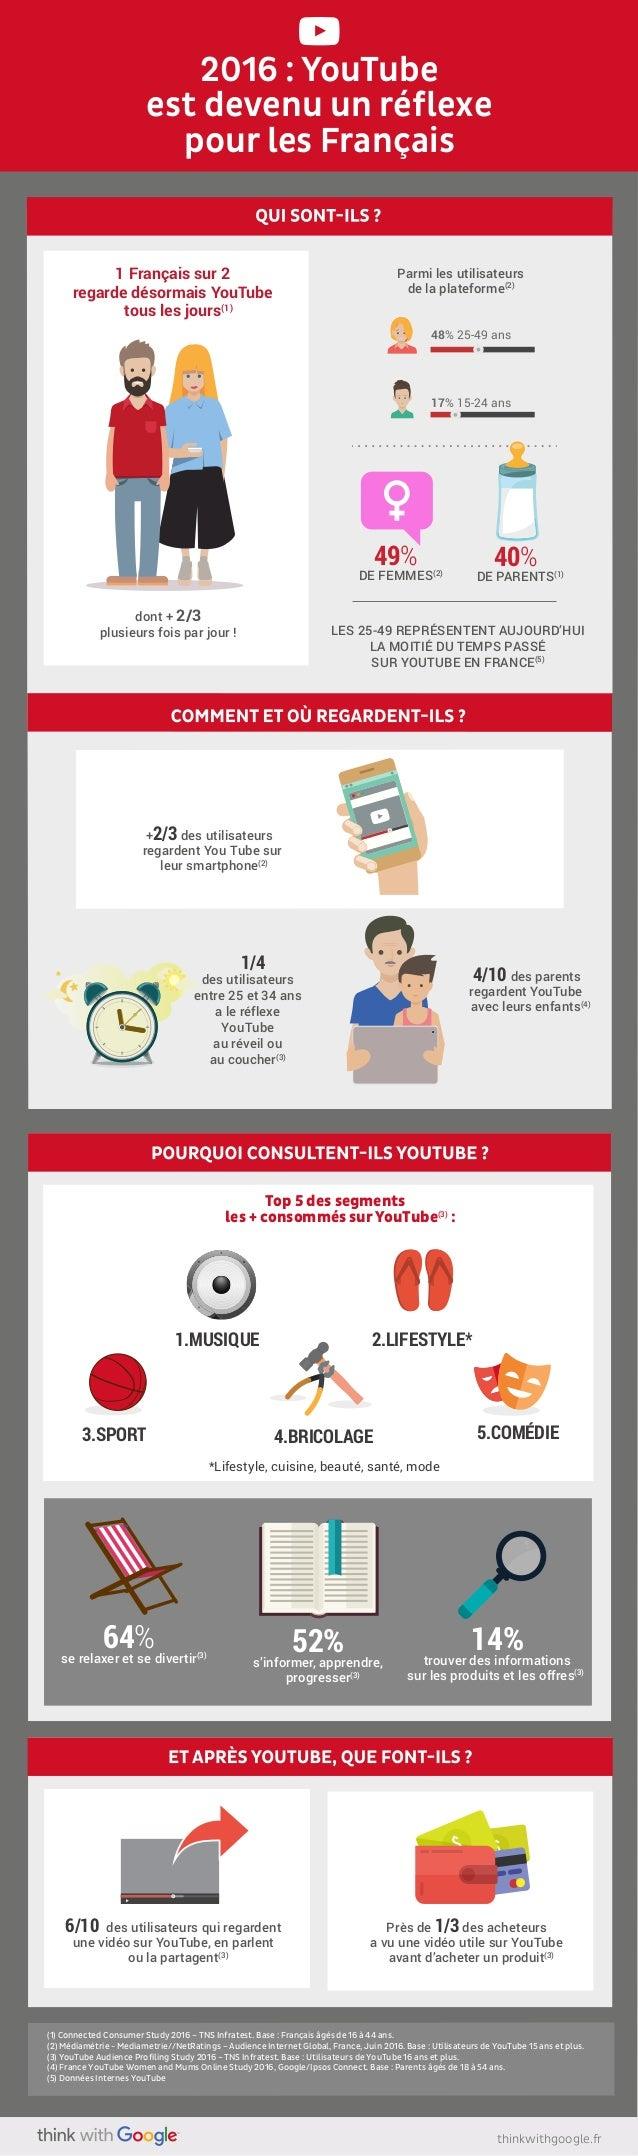 thinkwithgoogle.fr (1) Connected Consumer Study 2016 – TNS Infratest. Base : Français âgés de 16 à 44 ans. (2) Médiamétrie...